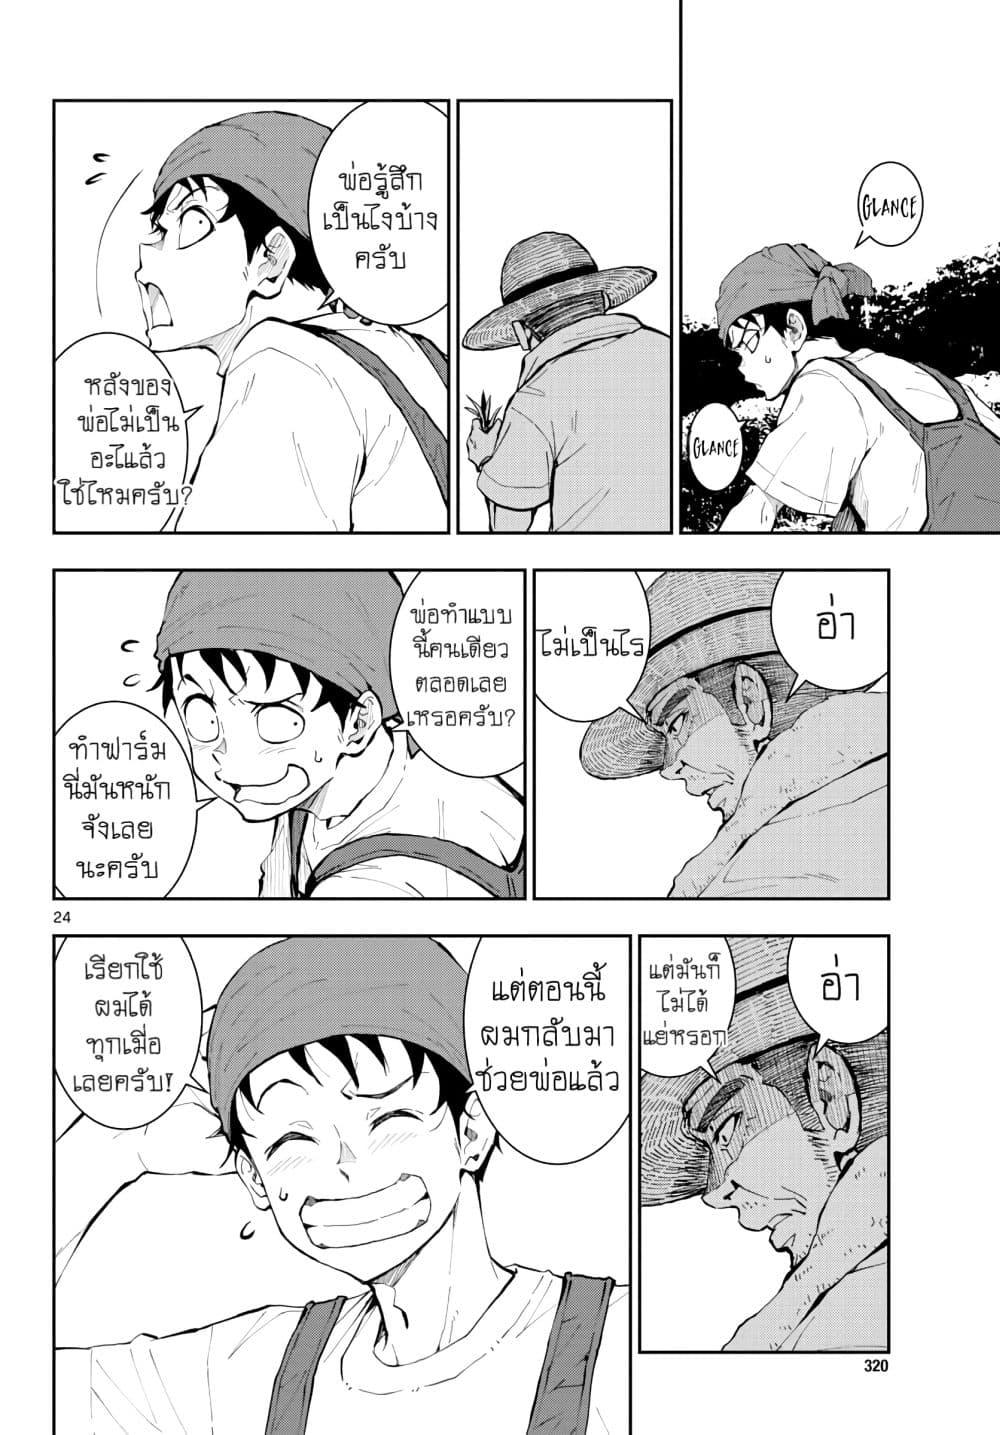 อ่านการ์ตูน Zombie 100 Zombie Ni Naru Made Ni Shitai 100 no koto ตอนที่ 15 หน้าที่ 23